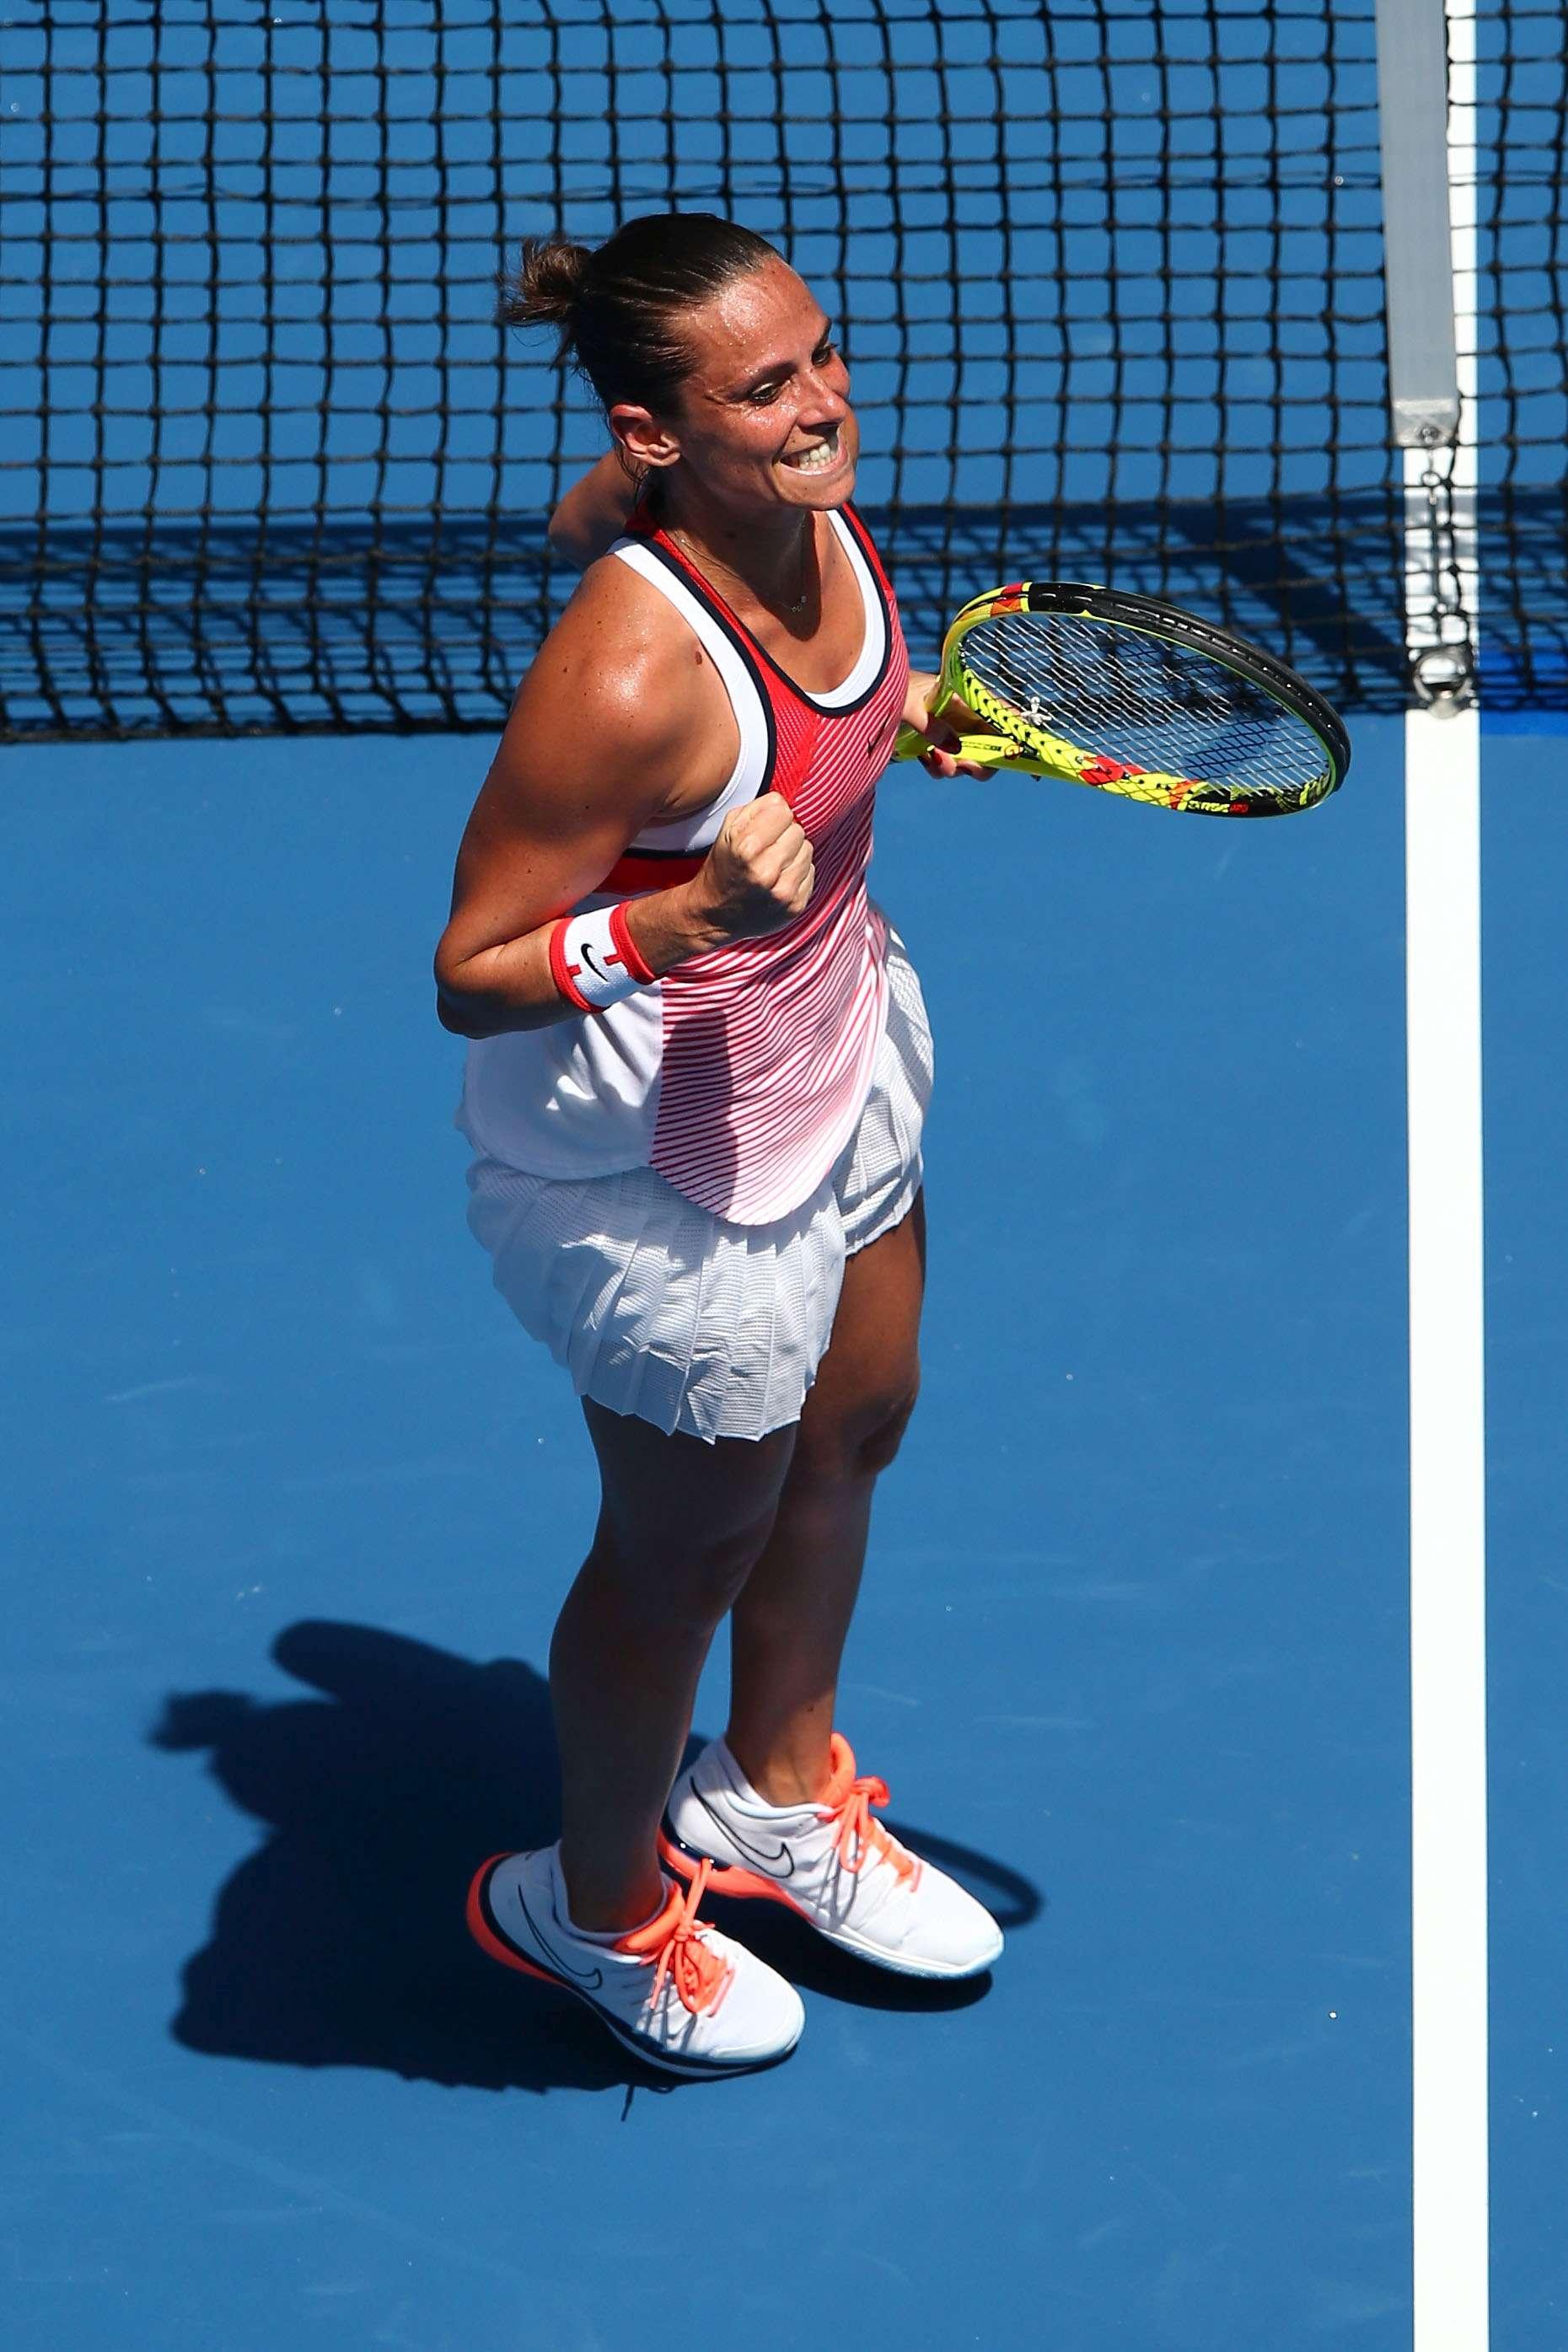 Roberta Vinci, al 3° turno degli Australian Open contro Anna-Lena Friedsam